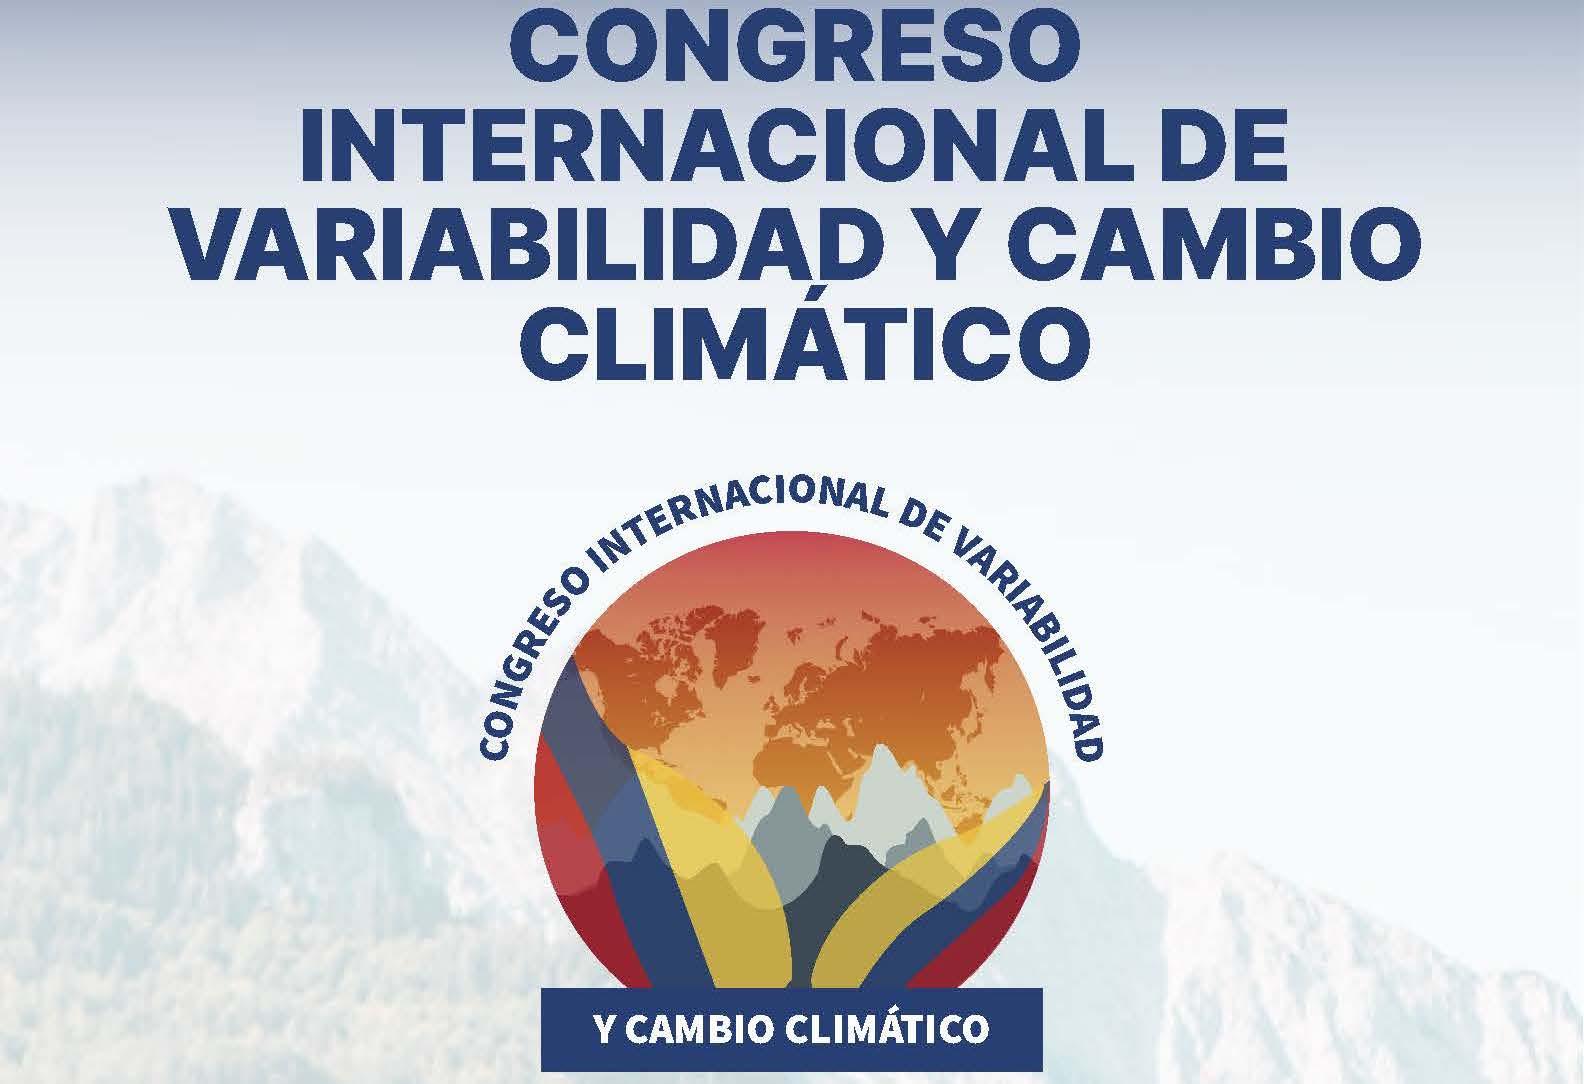 Congreso Internacional de Variabilidad y Cambio Climático